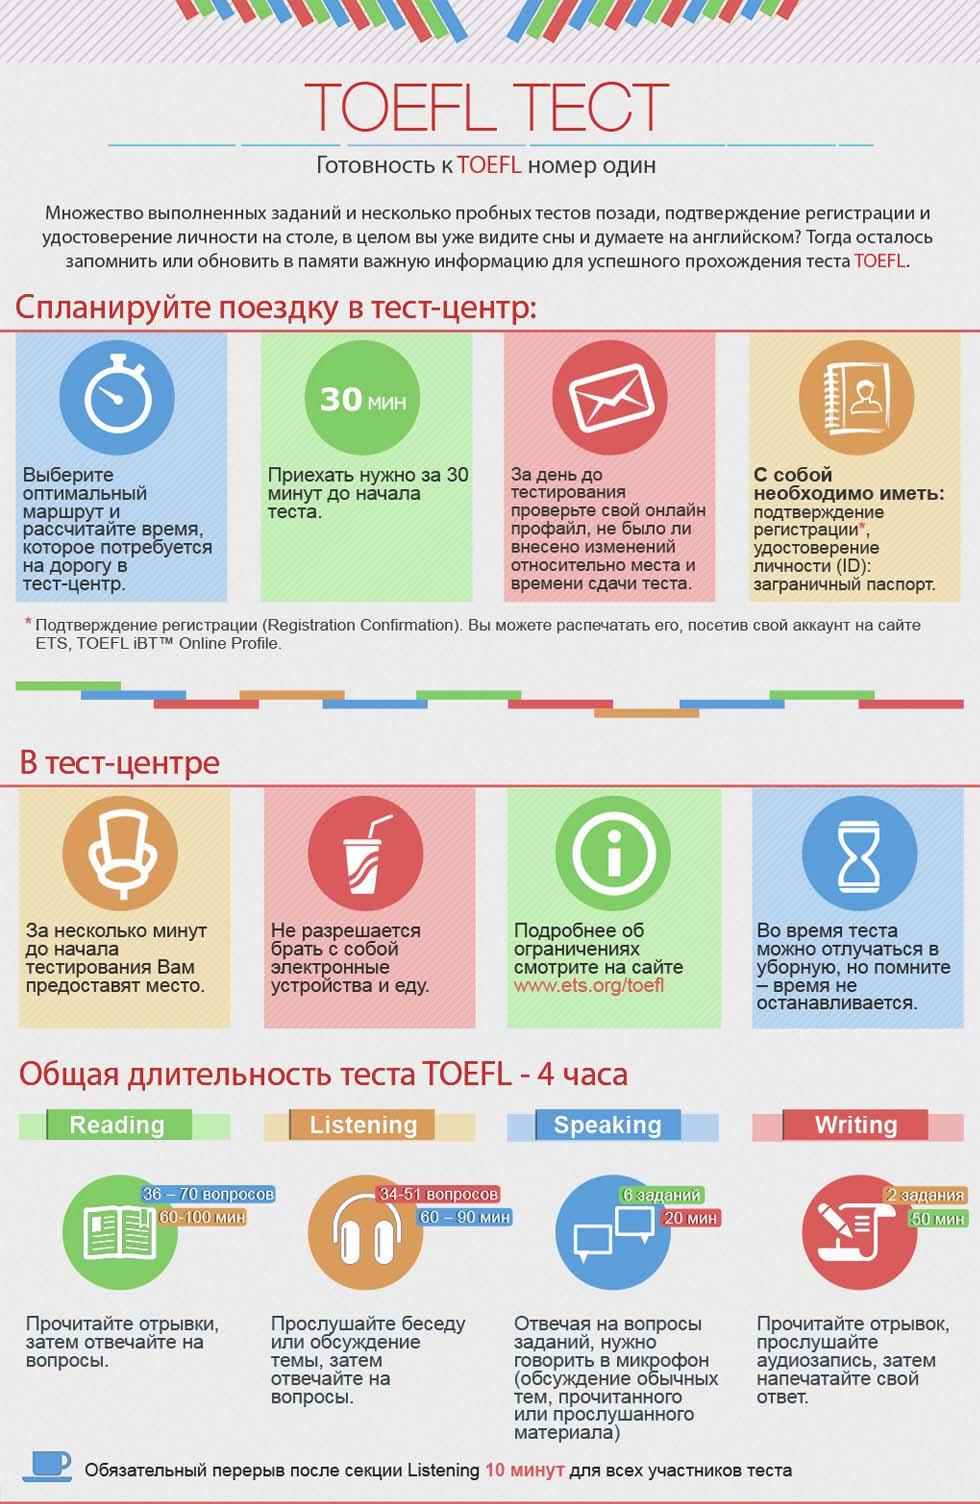 toefl infographic